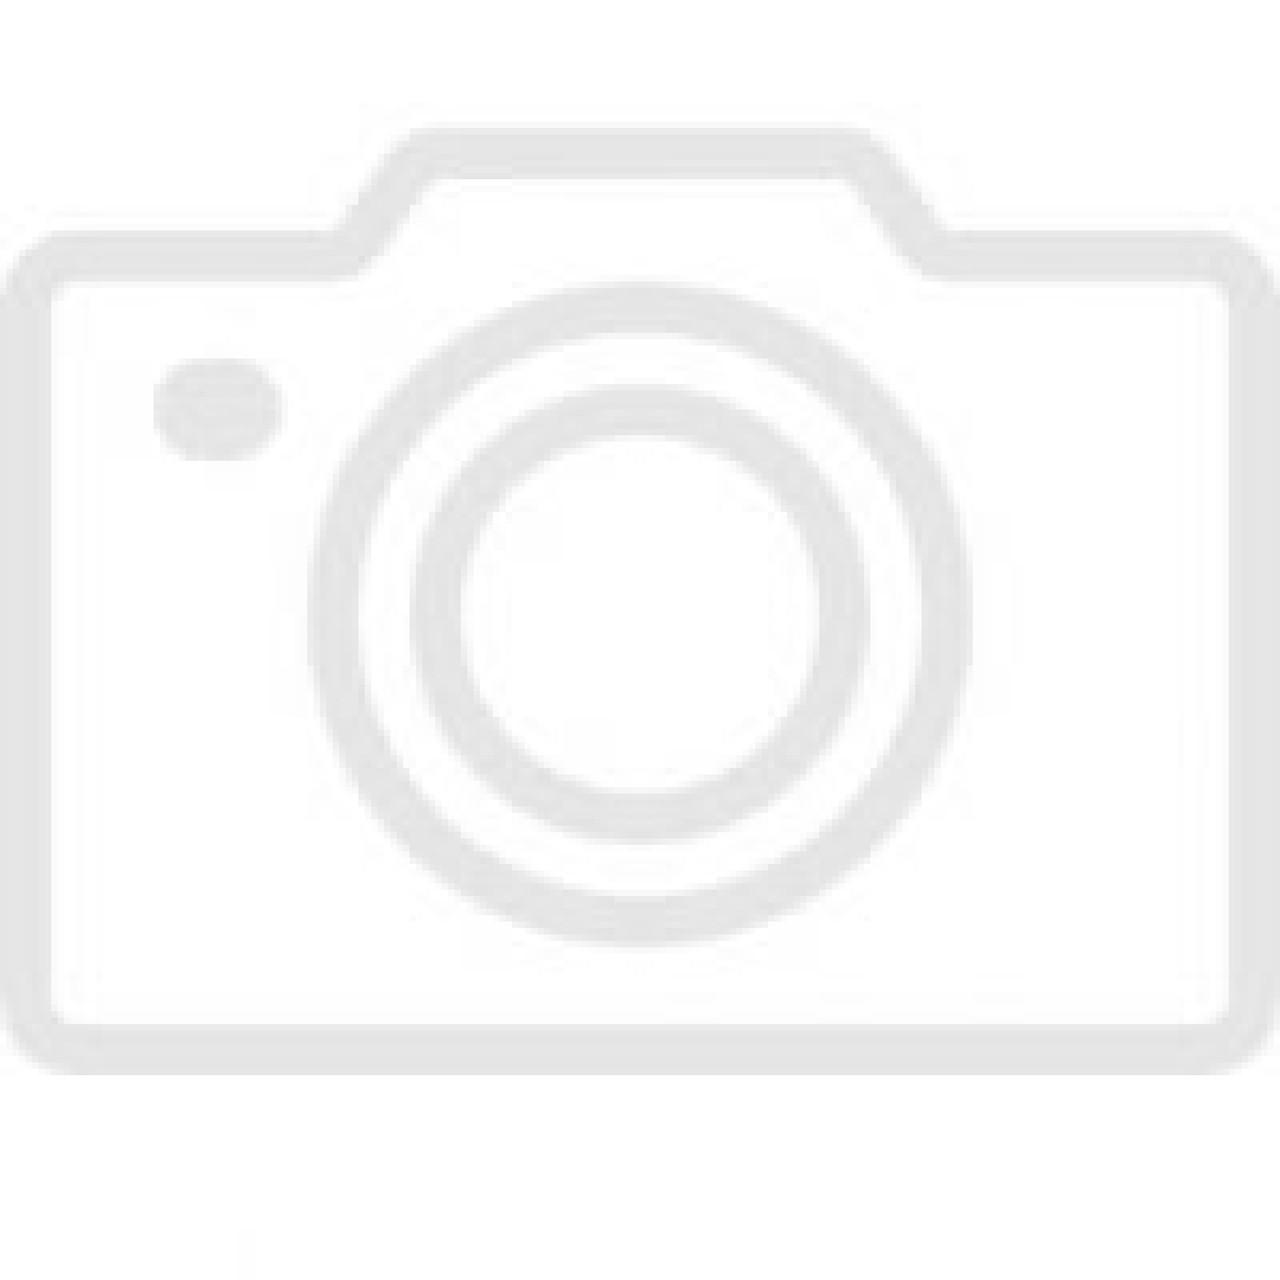 """Кришка матриці для ноутбука для ноутбука Acer Aspire 5253, 5742G, 15.6"""", AP0FO000110, Б/В. Є подряпини."""